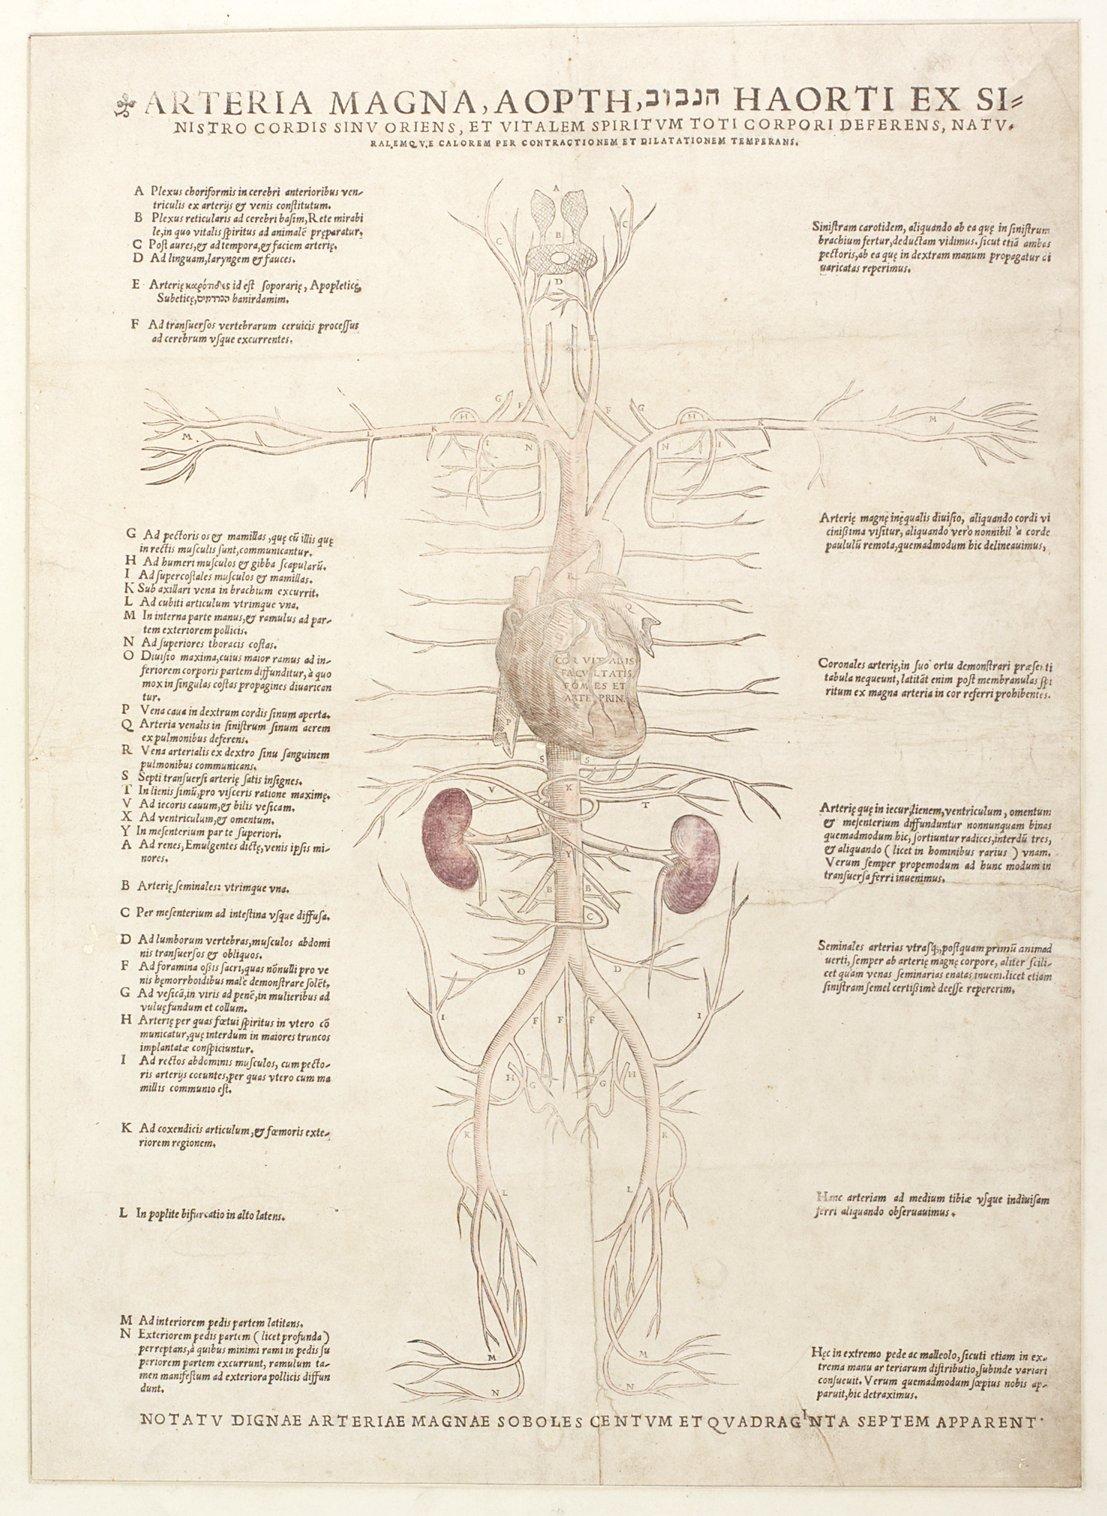 Arteria magna